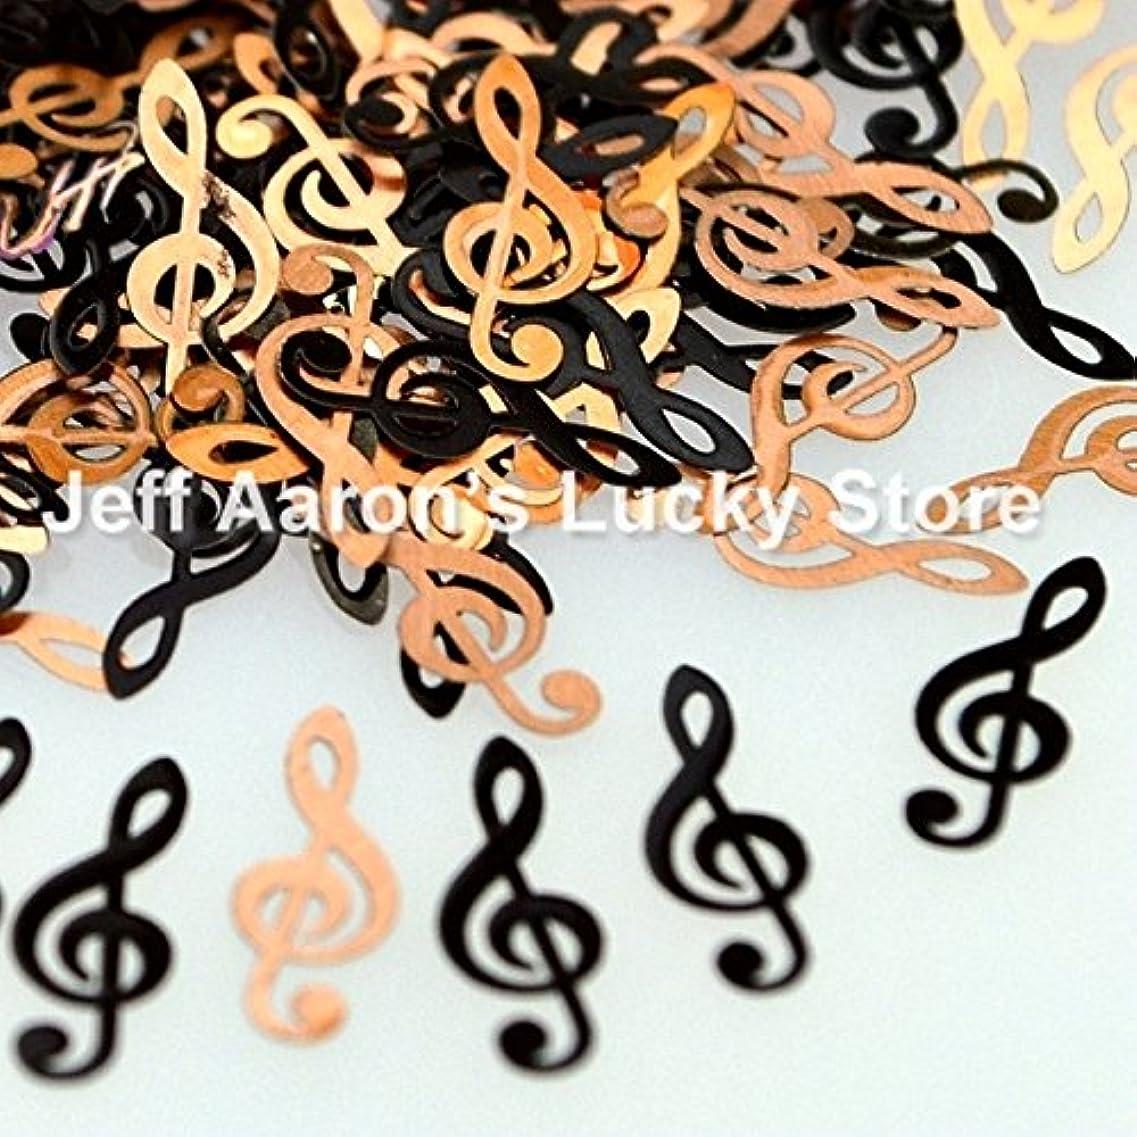 肌寒い季節チャールズキージングIthern(TM)ブラック楽譜金属ネイル箔デカールは、3Dネイルアート装飾デザインツールのためのネイルスパンコールをスライス